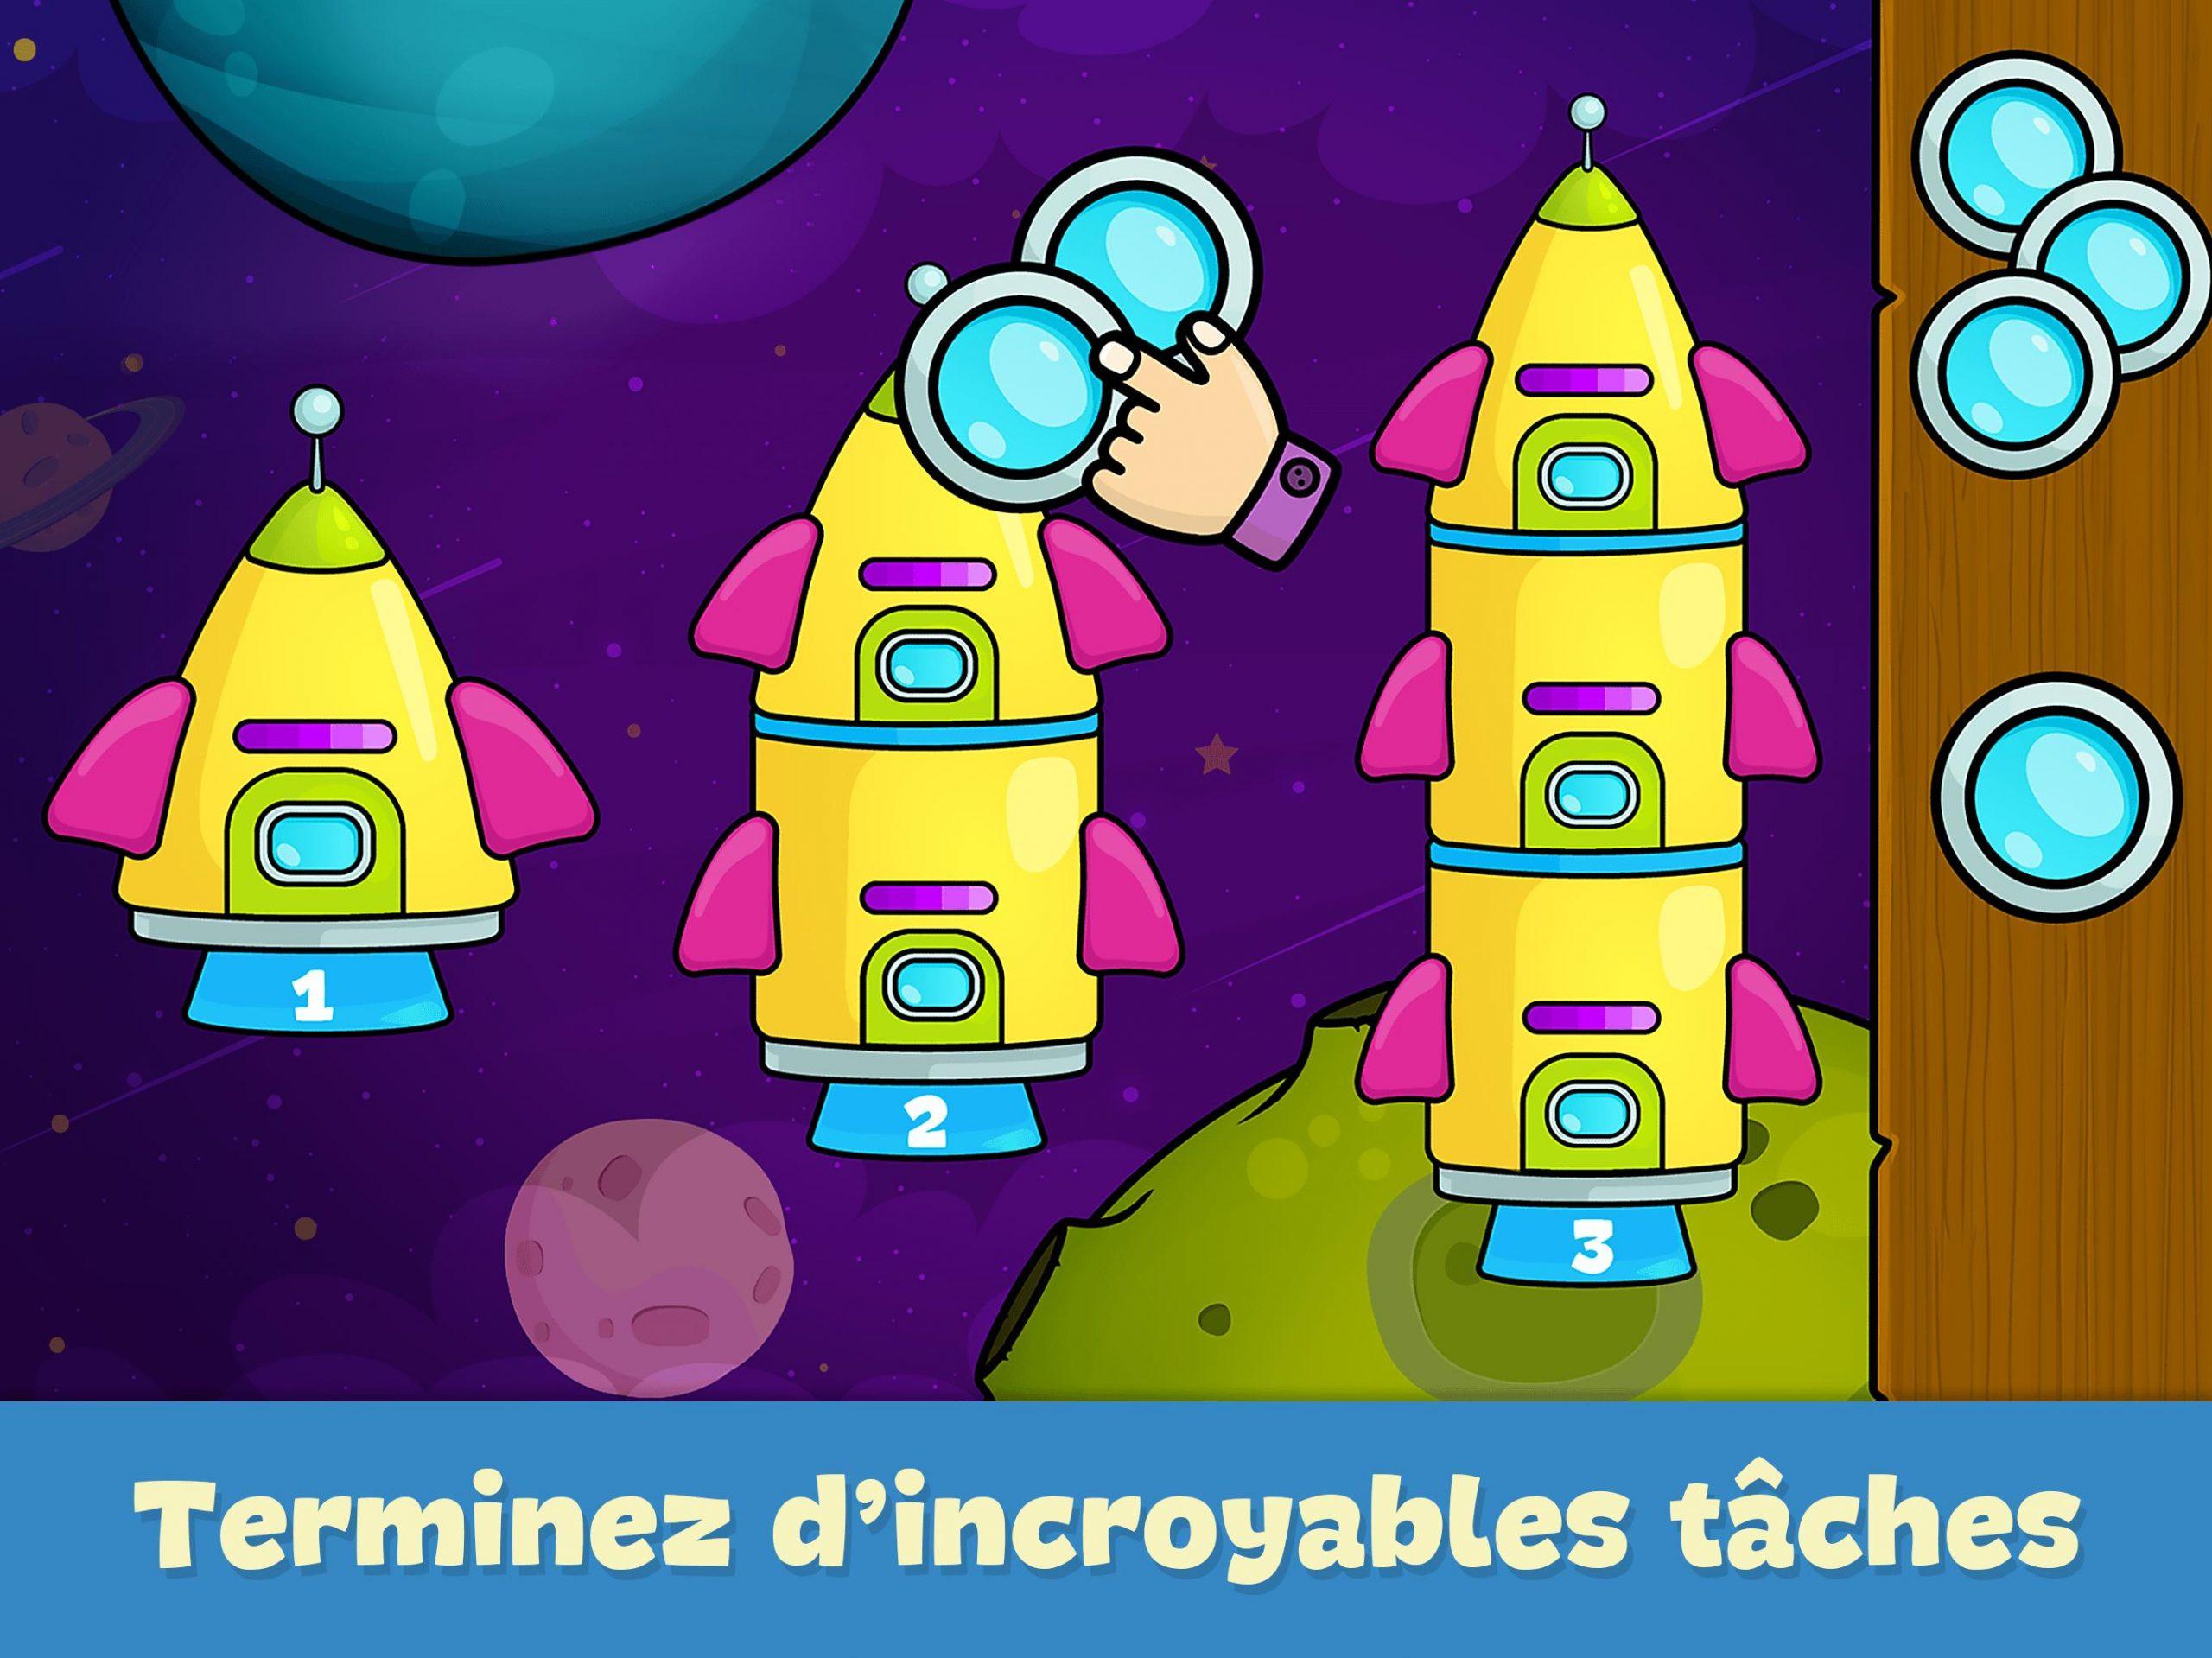 Jeux Pour Enfants 2 - 5 Ans Pour Android - Téléchargez L'apk destiné Jeux Gratuit Fille 5 Ans